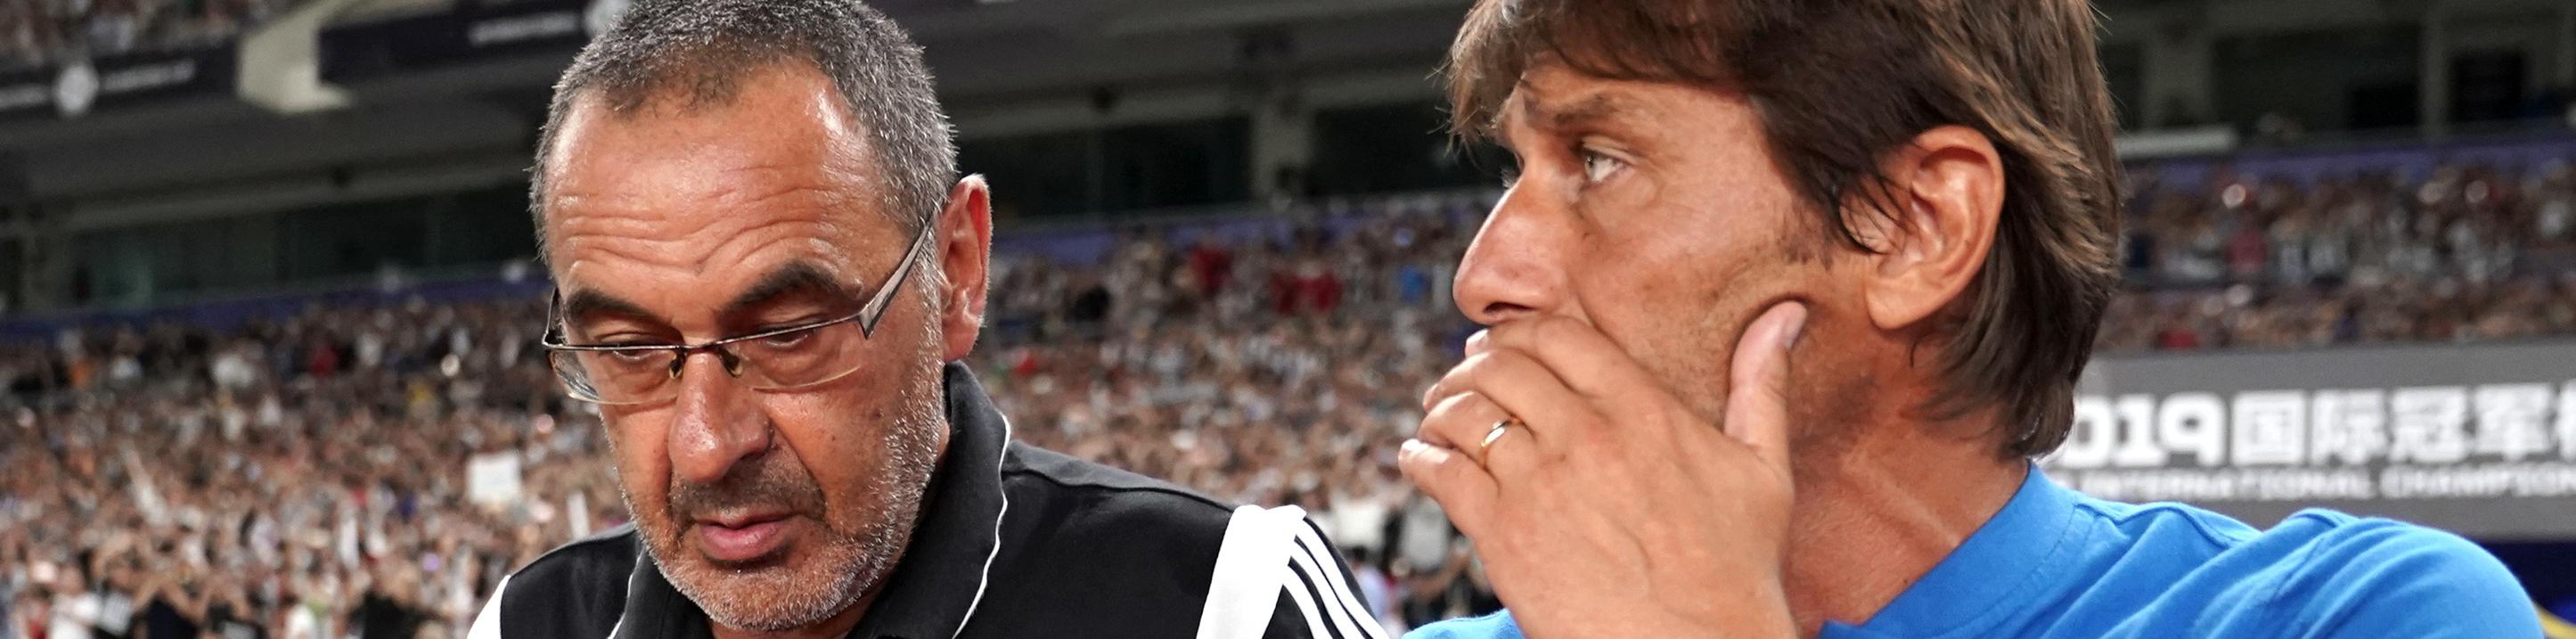 Conte vs Sarri tra incroci e staffette, ma nessun precedente: la nascita di una nuova super-rivalità